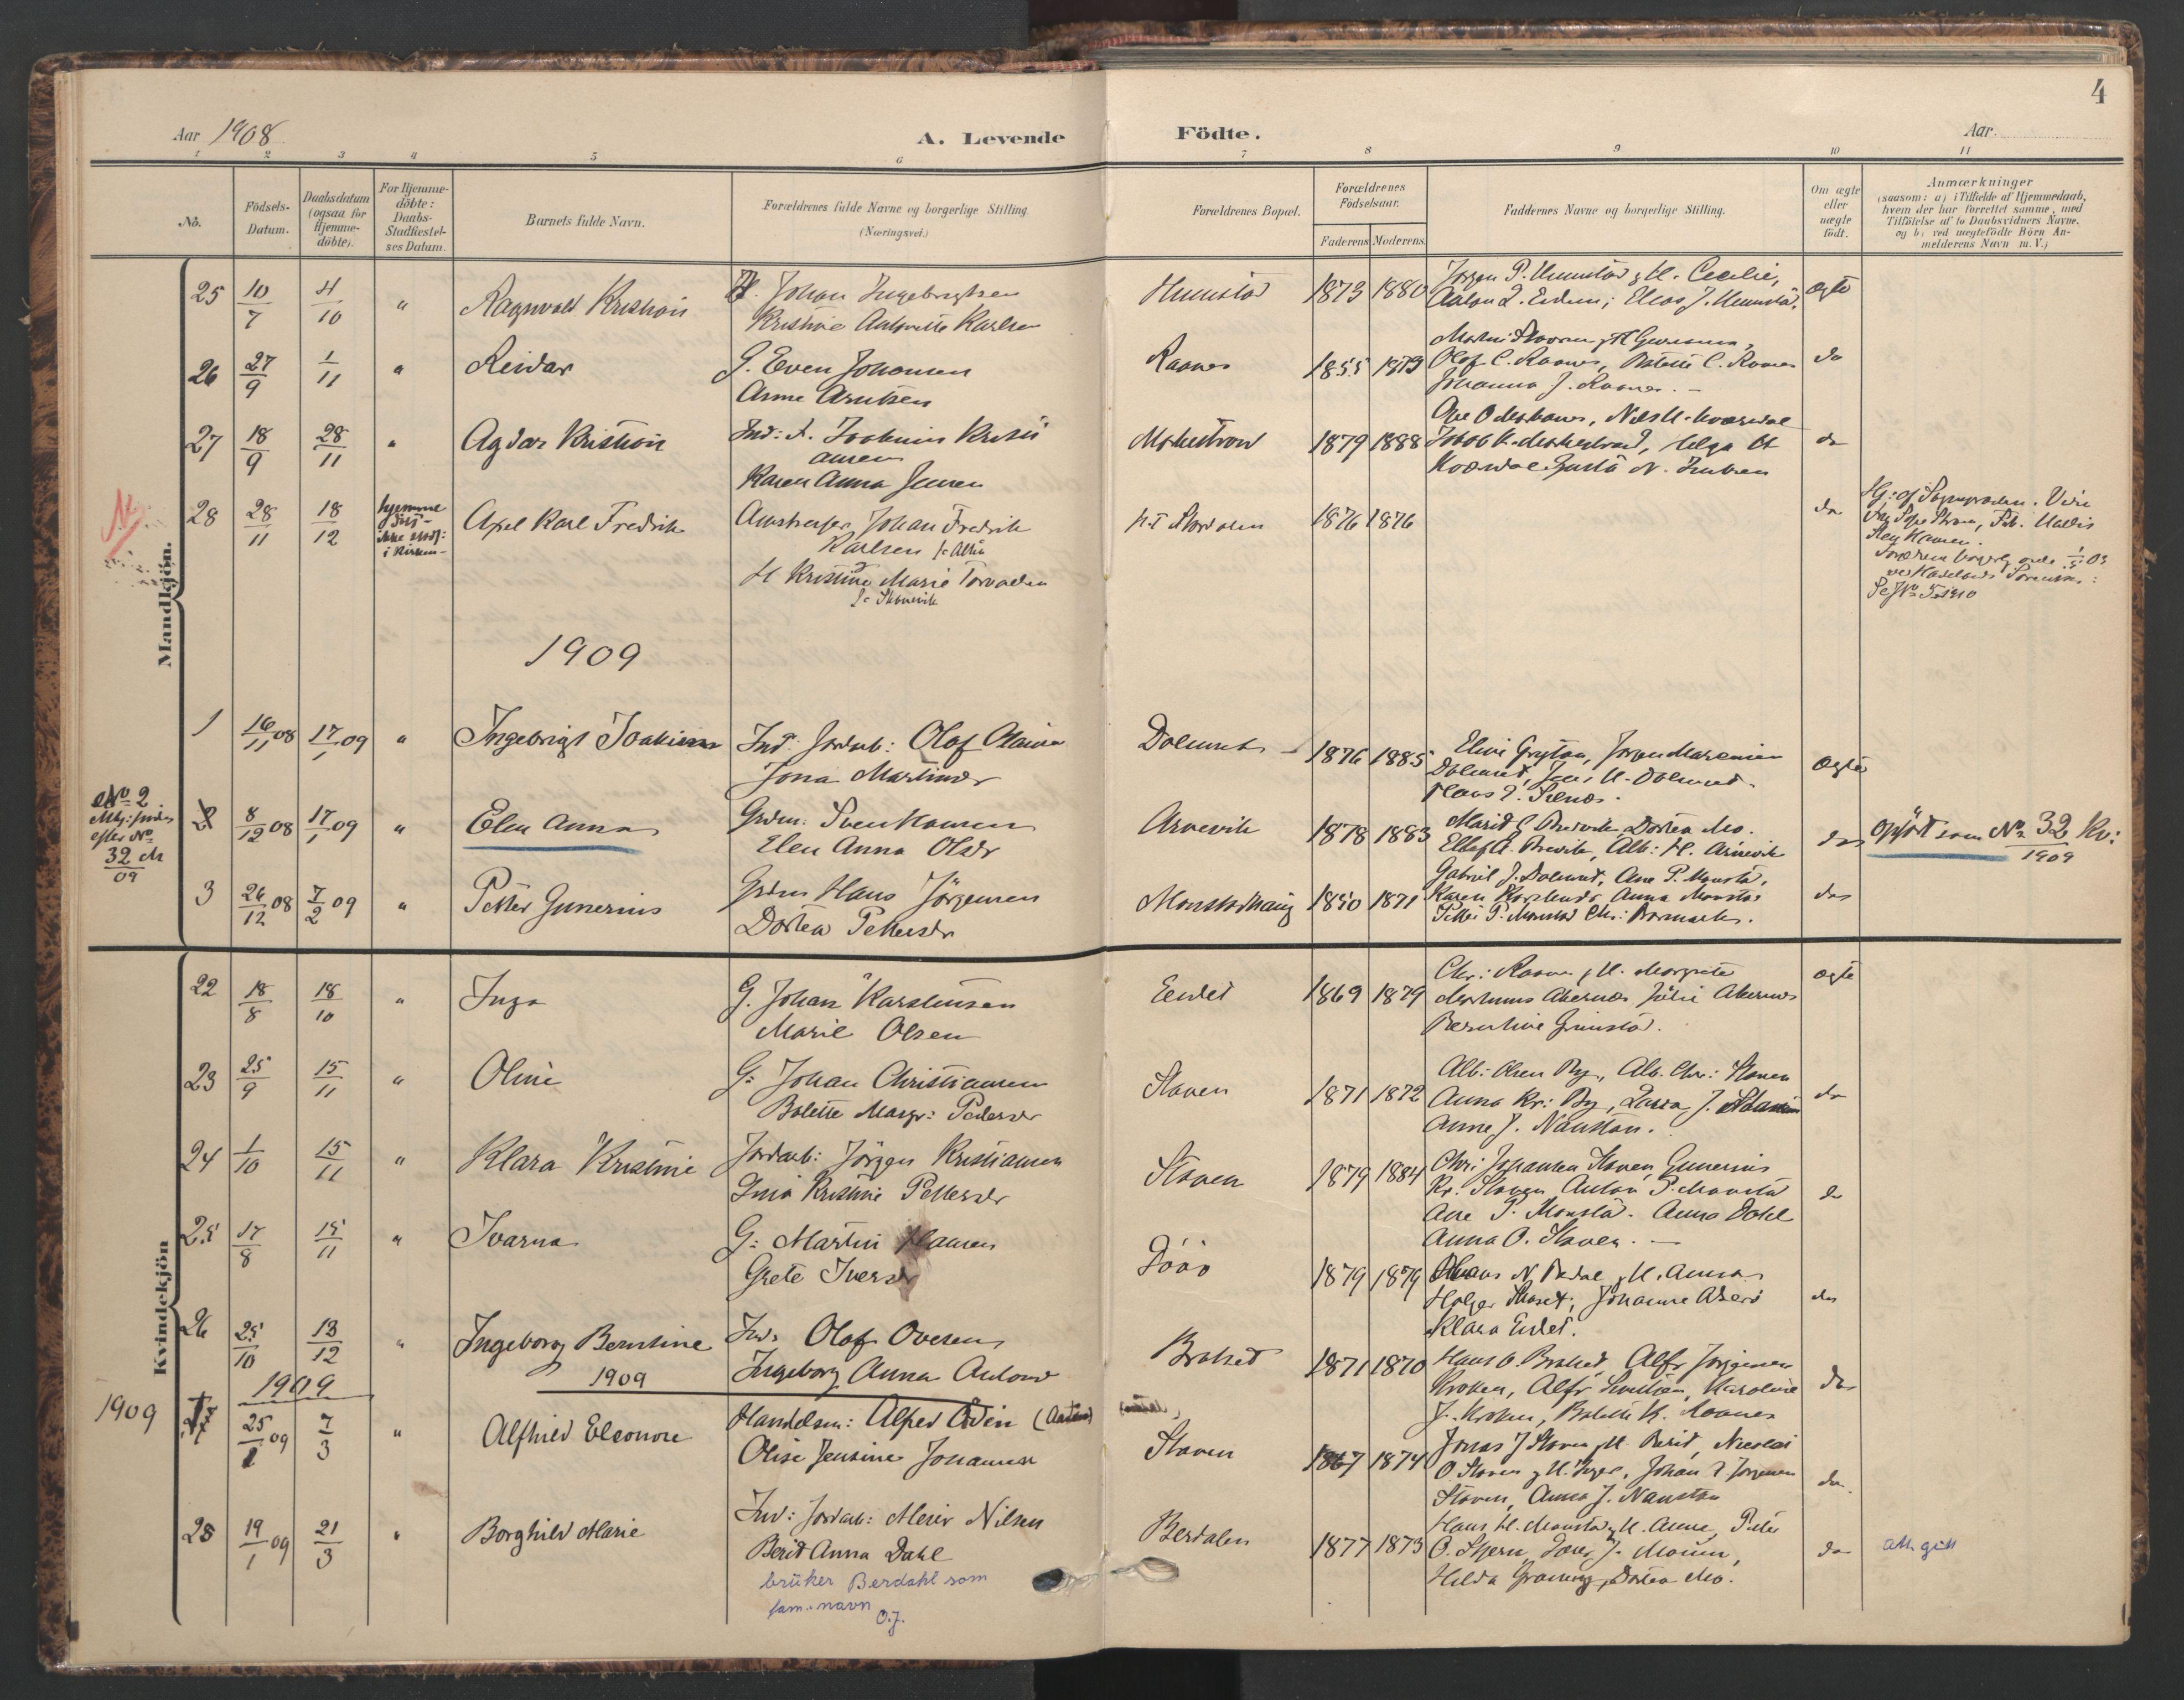 SAT, Ministerialprotokoller, klokkerbøker og fødselsregistre - Sør-Trøndelag, 655/L0682: Ministerialbok nr. 655A11, 1908-1922, s. 4